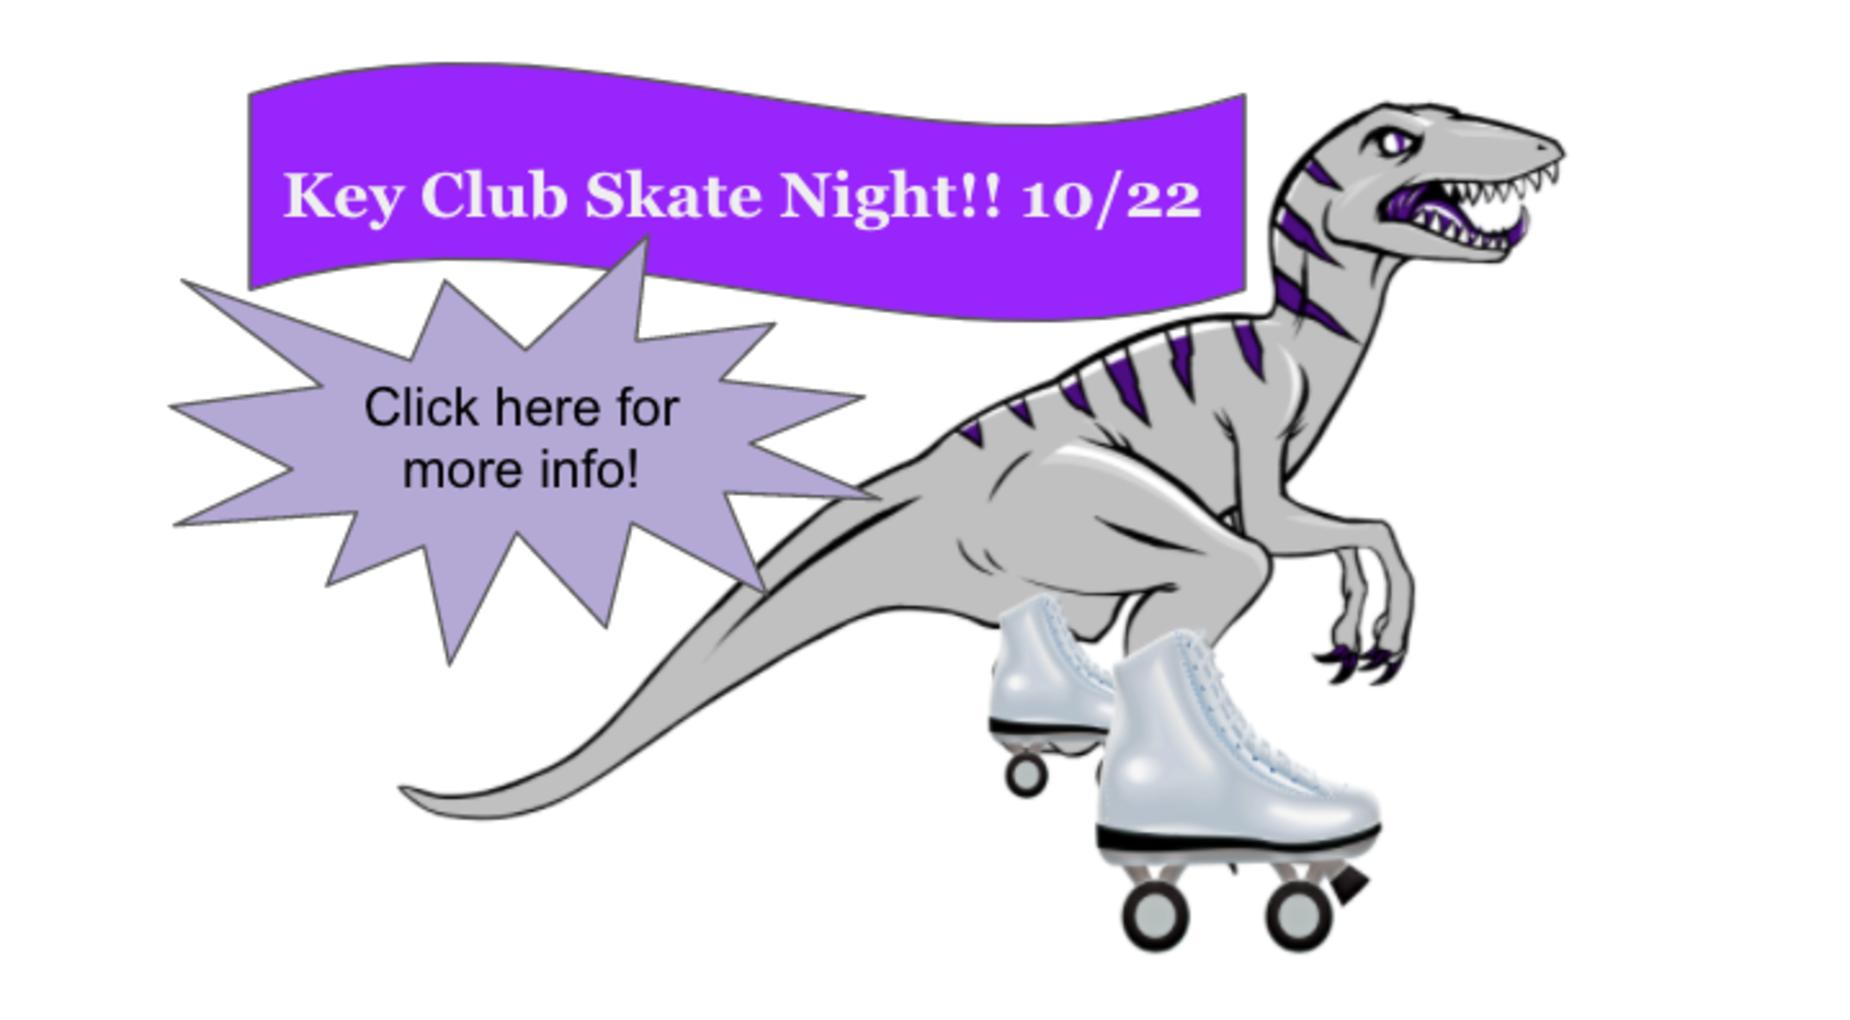 Key Club Skate Night Fundraiser- 10/22 at Playland Skate Park